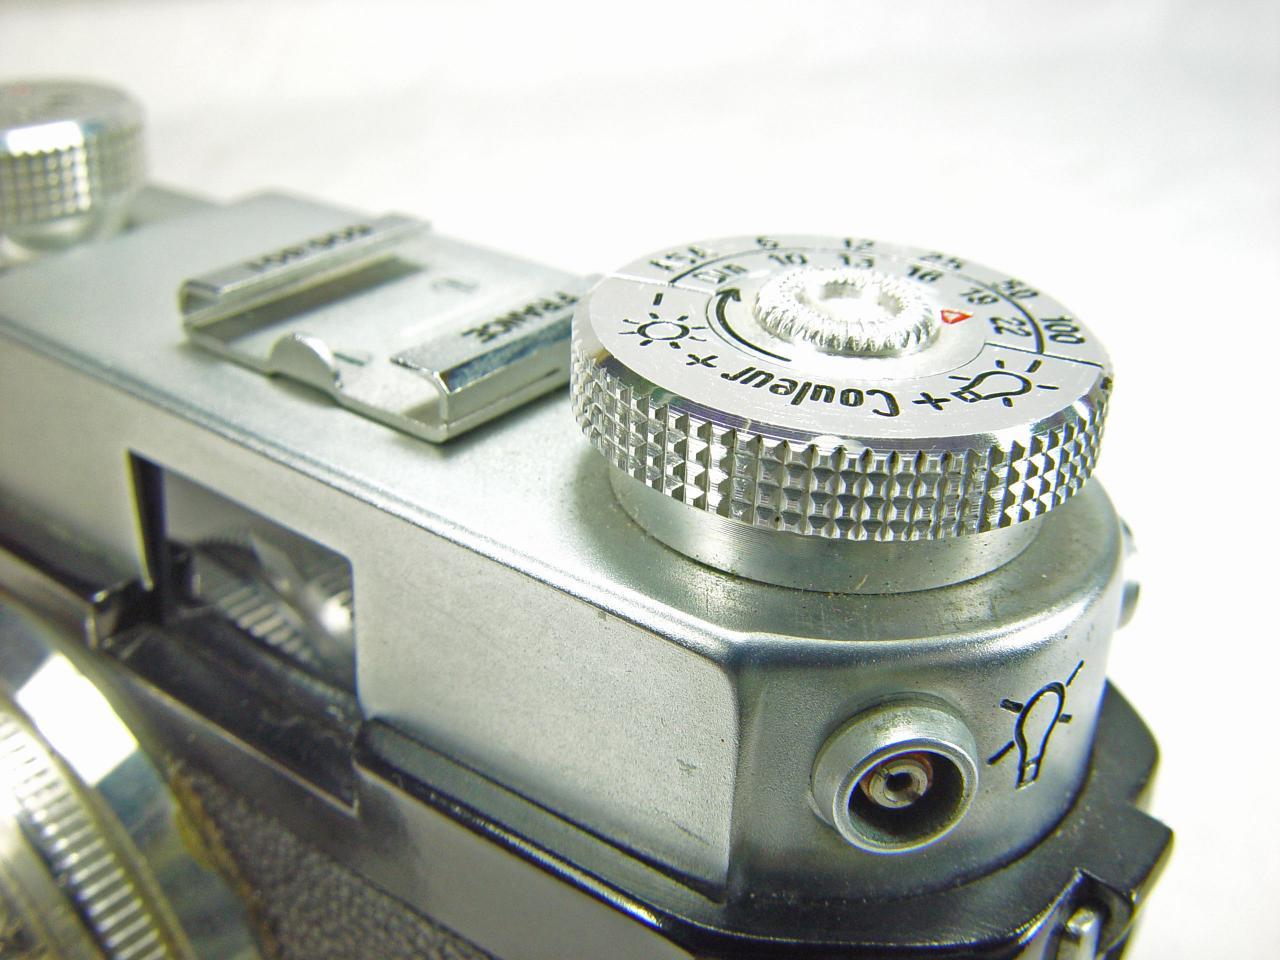 Wallpaper Appareils photos 3339-12  OPL  Foca standard oplex